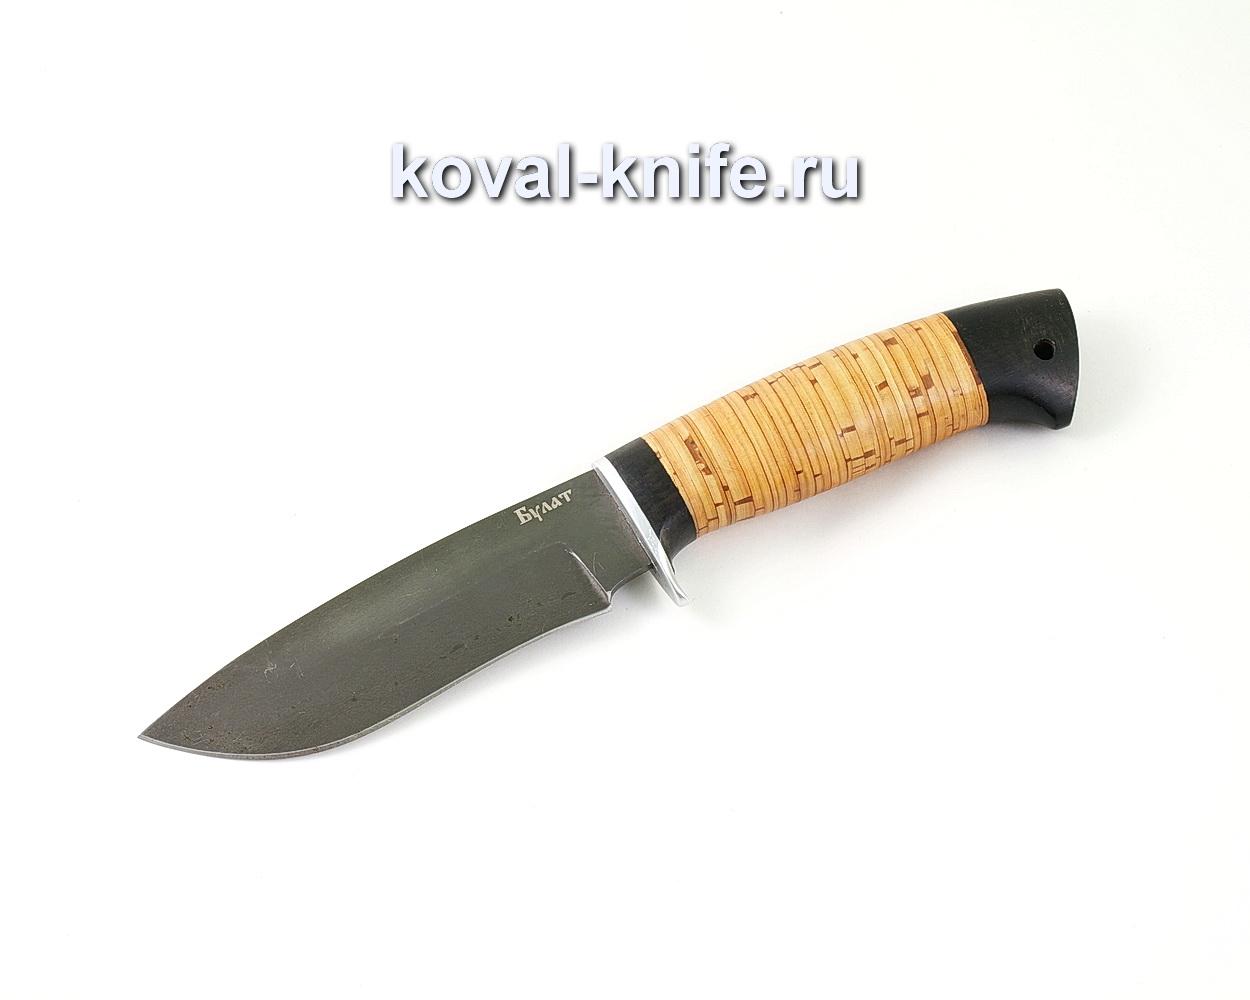 Нож из булатной стали Сапсан (Легированный булат, рукоять береста и граб) A465